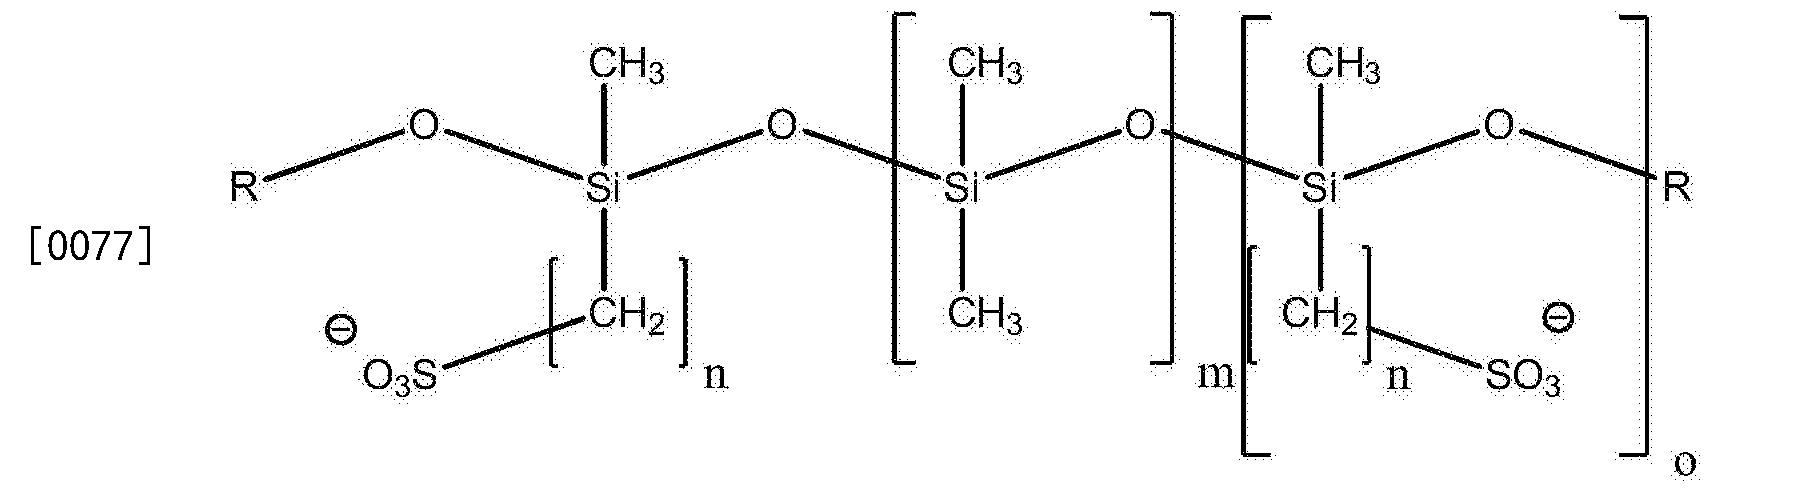 Figure CN103635513BD00131